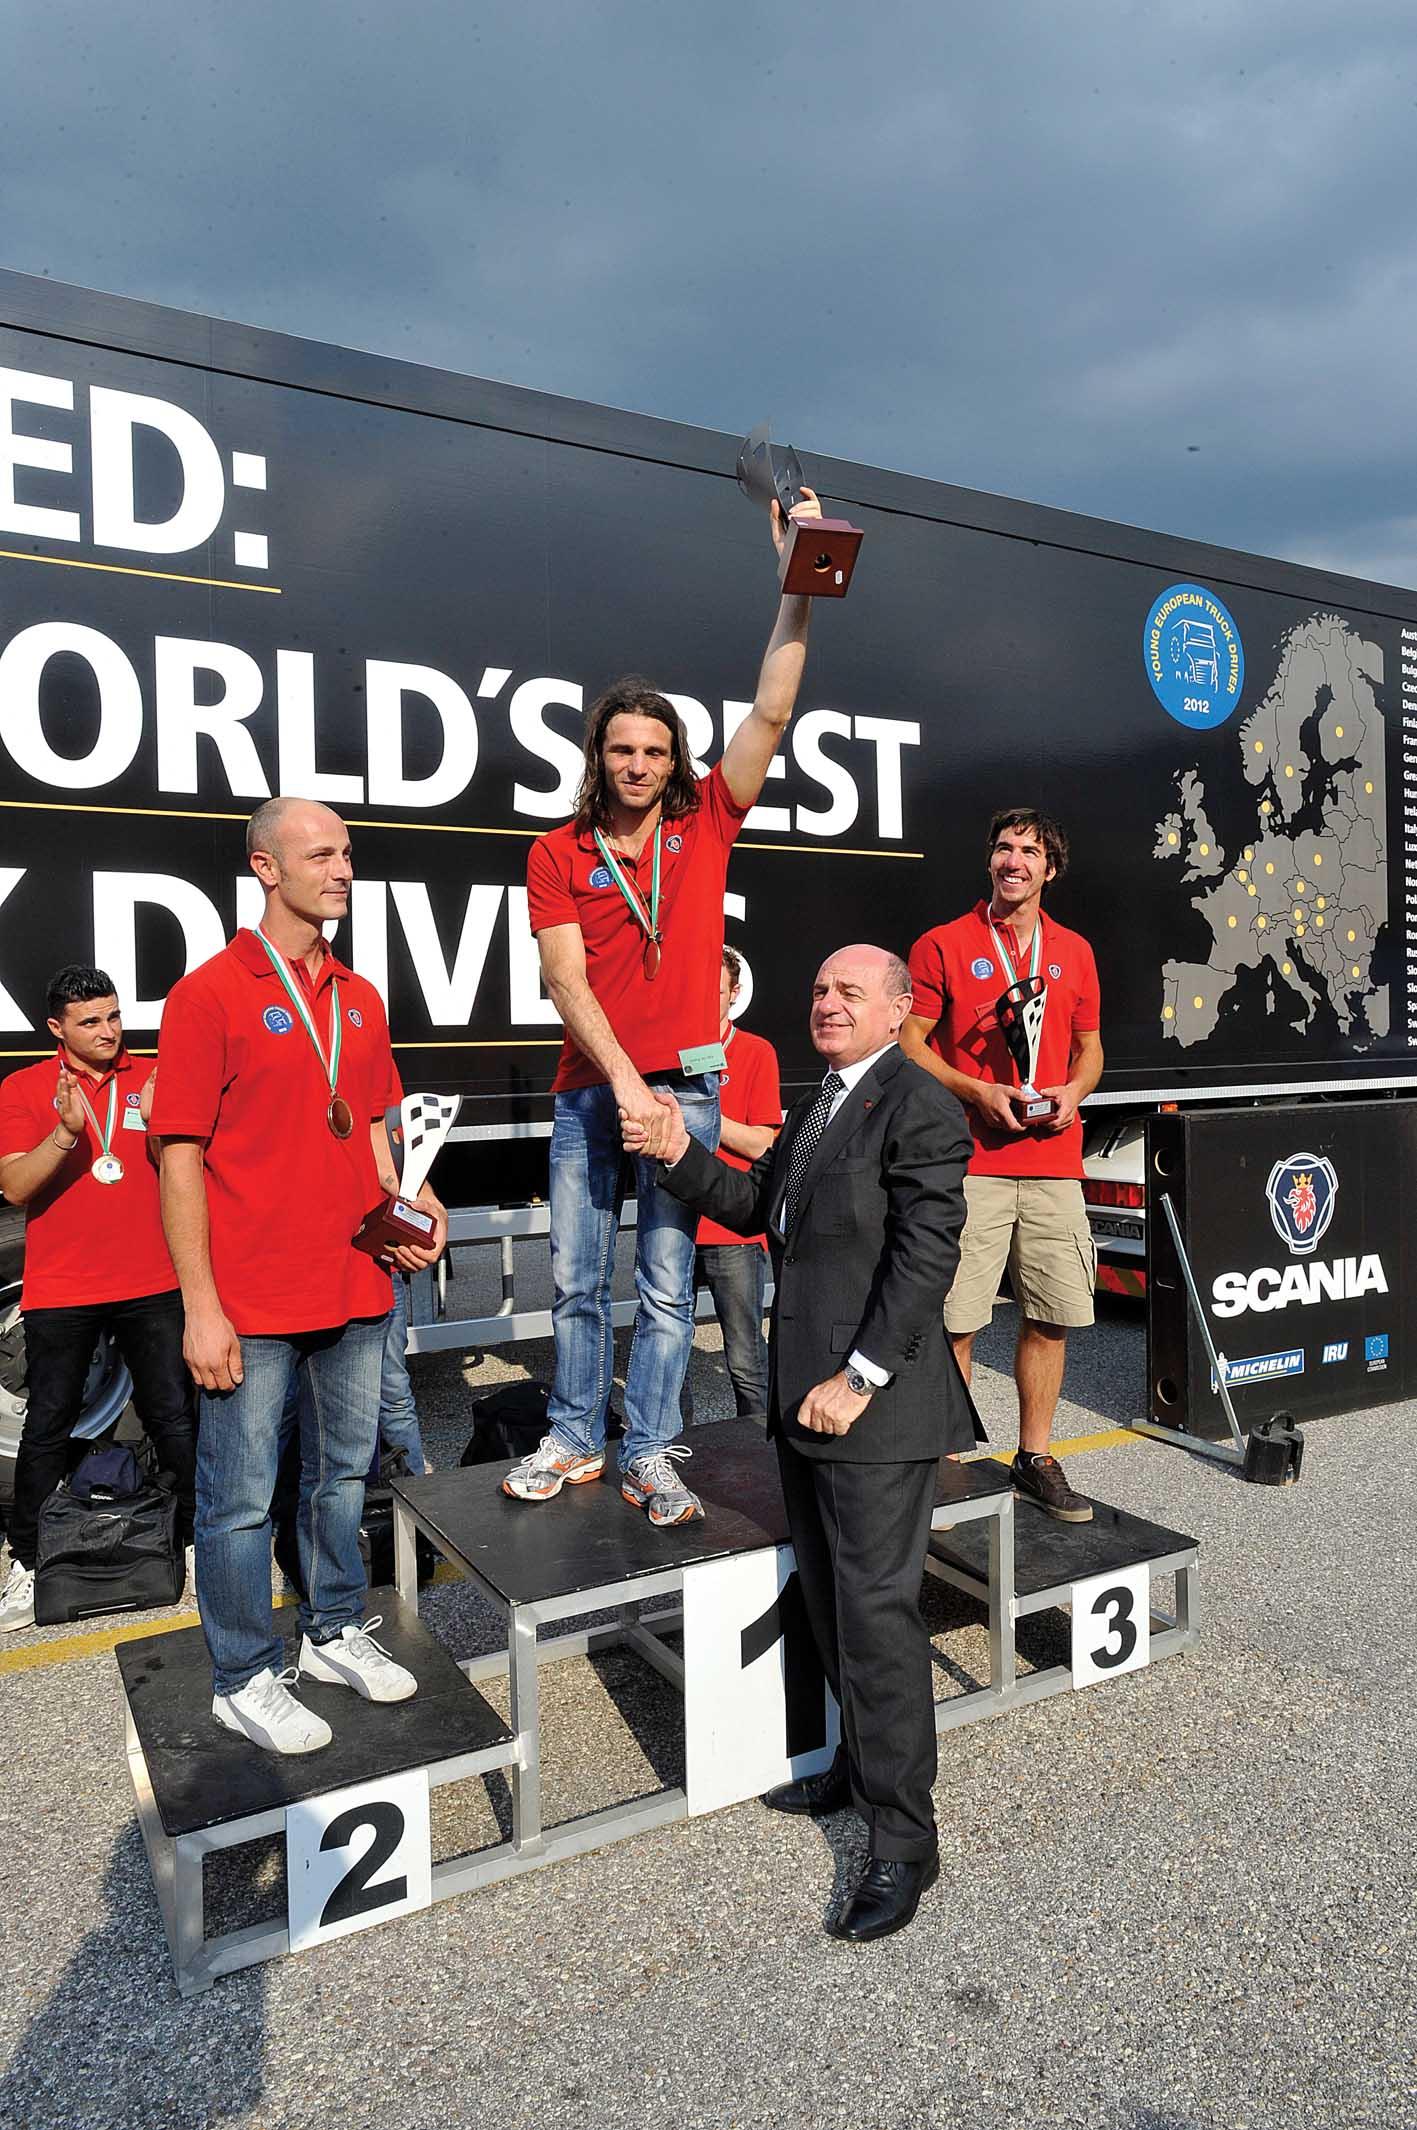 Scania Yted 2012 Franco Fenoglio a.d. di Italscania premia Edy De Rocco 1